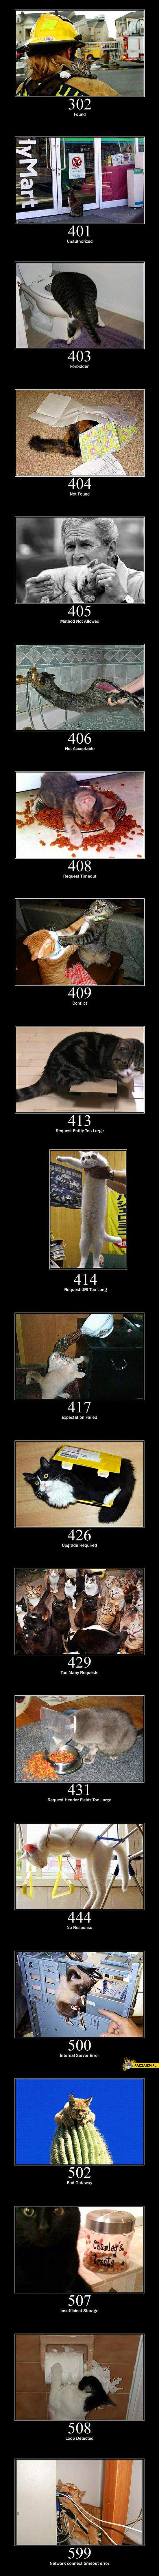 Koty jako błędy http